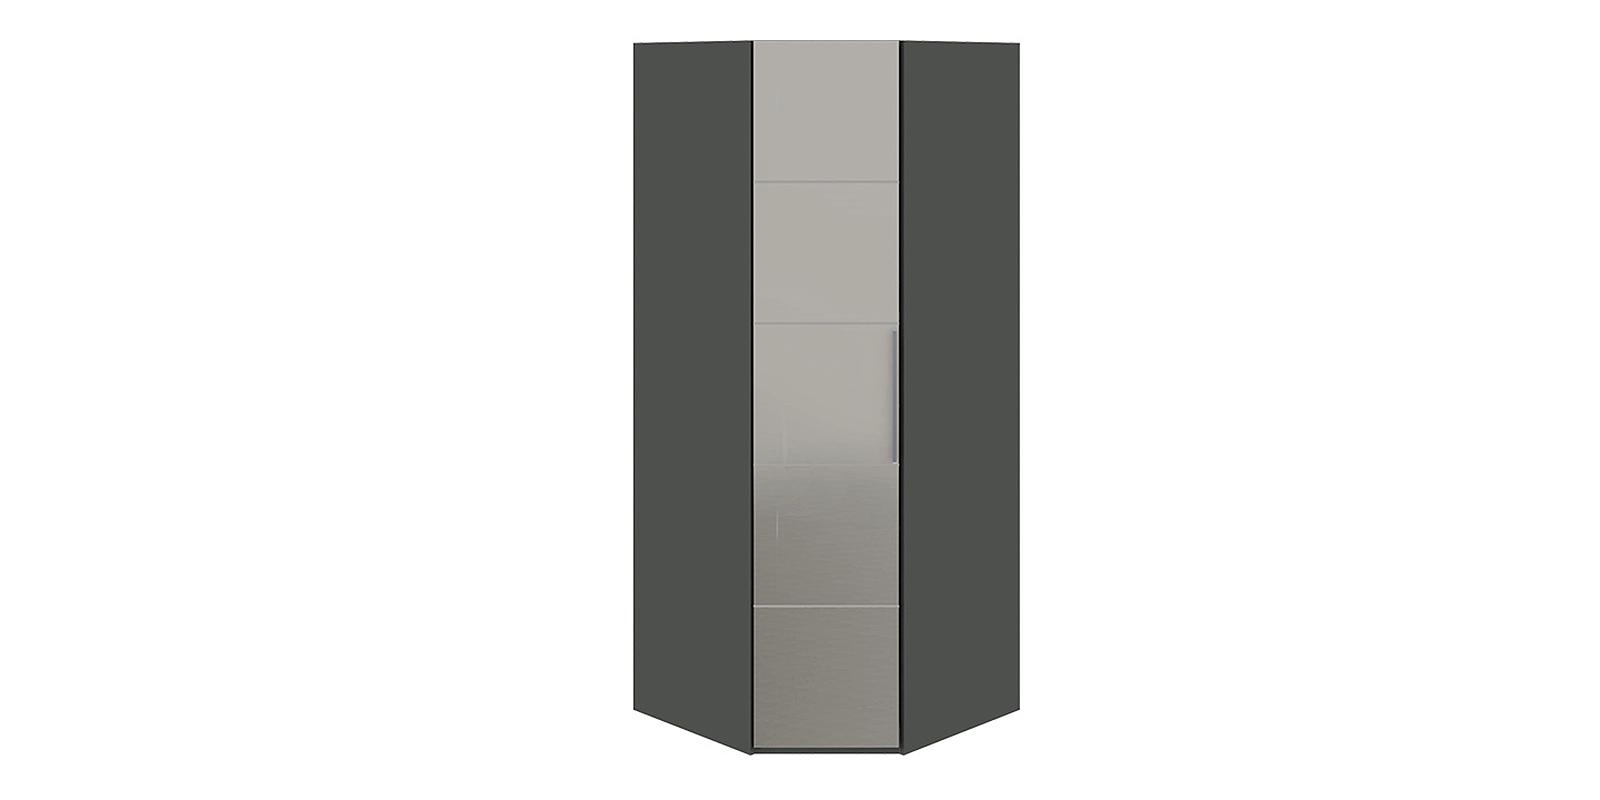 Шкаф распашной угловой Сорренто вариант №2 правый (темно-серый/зеркало)